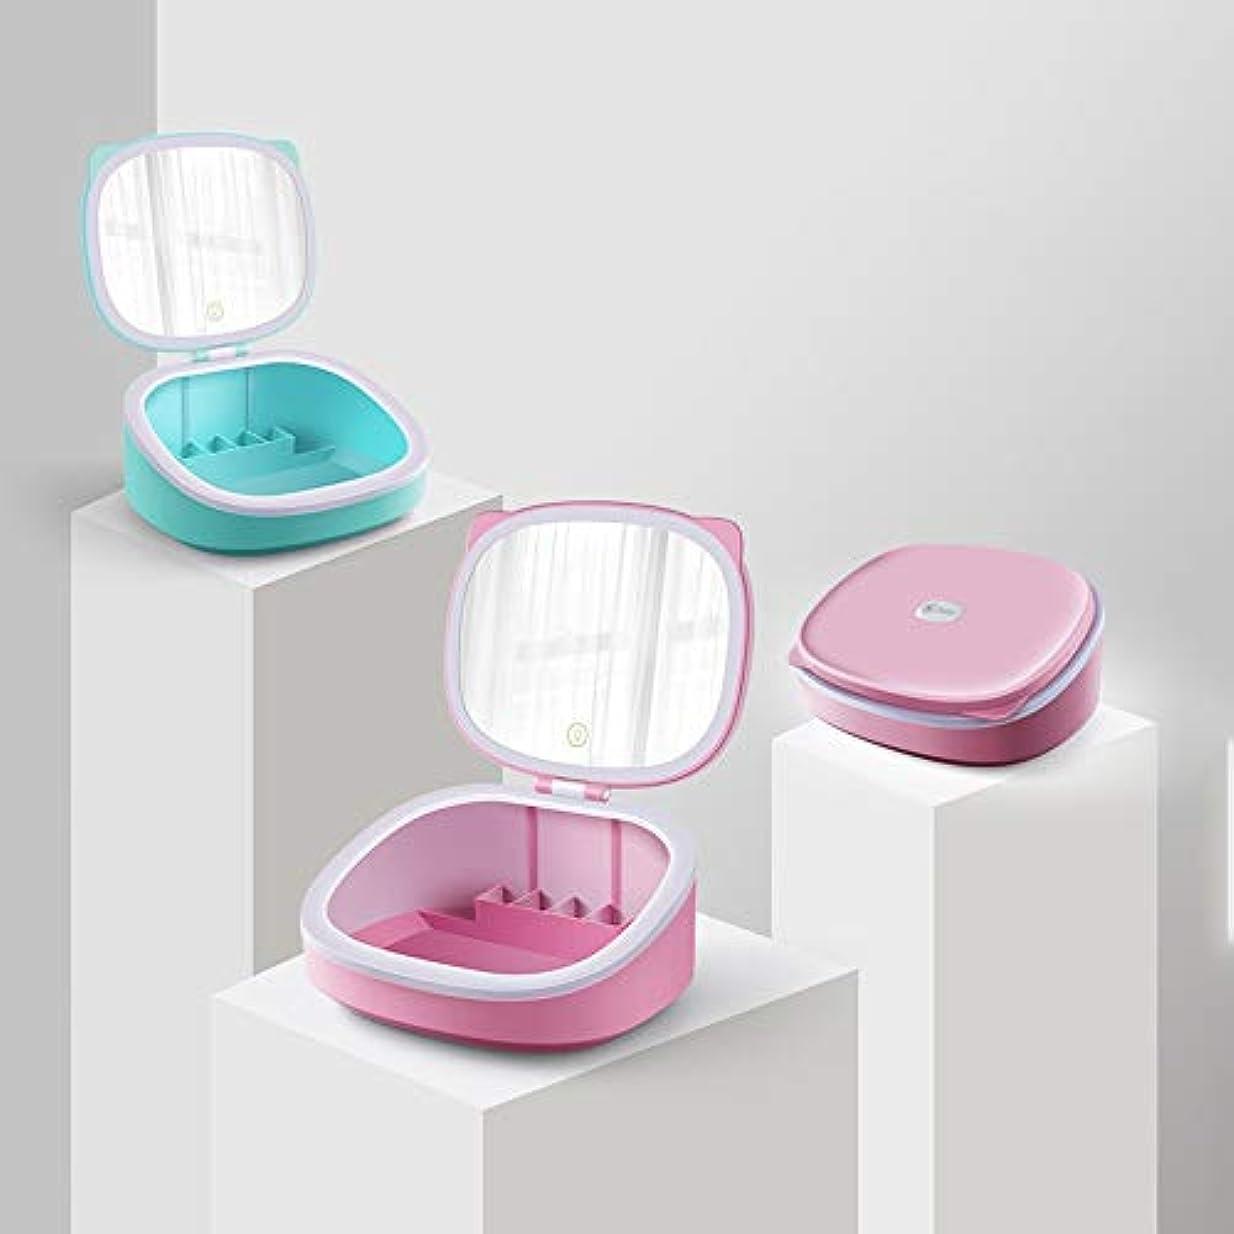 必要ないメキシコいつも流行の LEDライト化粧鏡収納猫美容鏡卓上鏡多機能光ABSピンクブルーを調整することができます (色 : Pink)